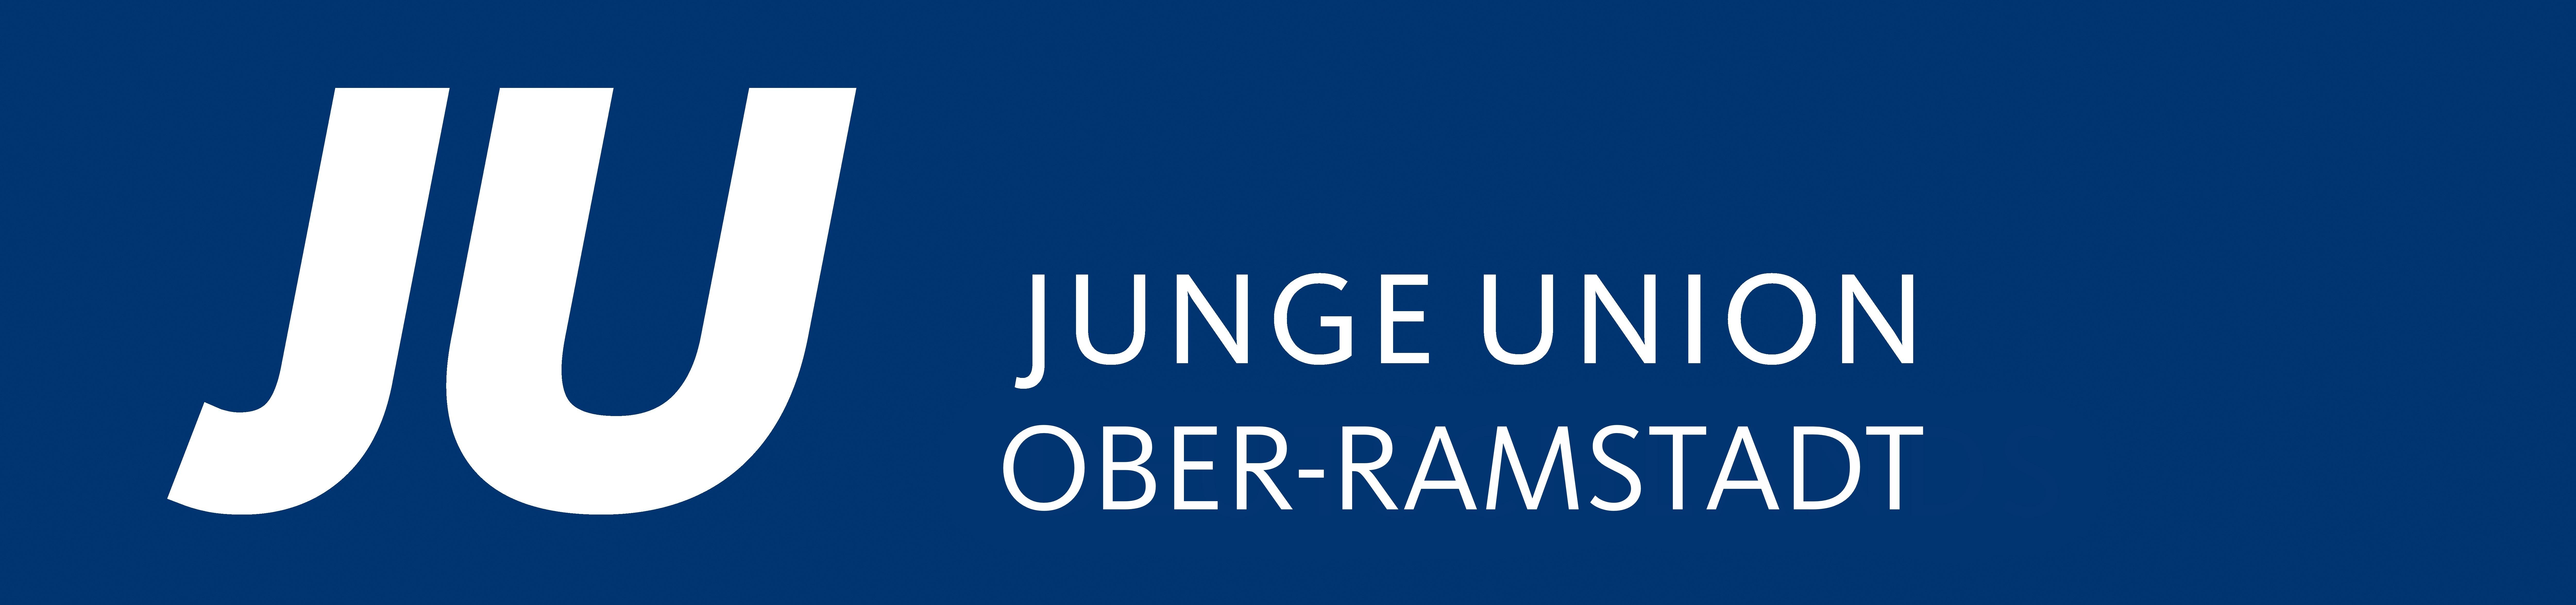 Logo von Junge Union Ober-Ramstadt